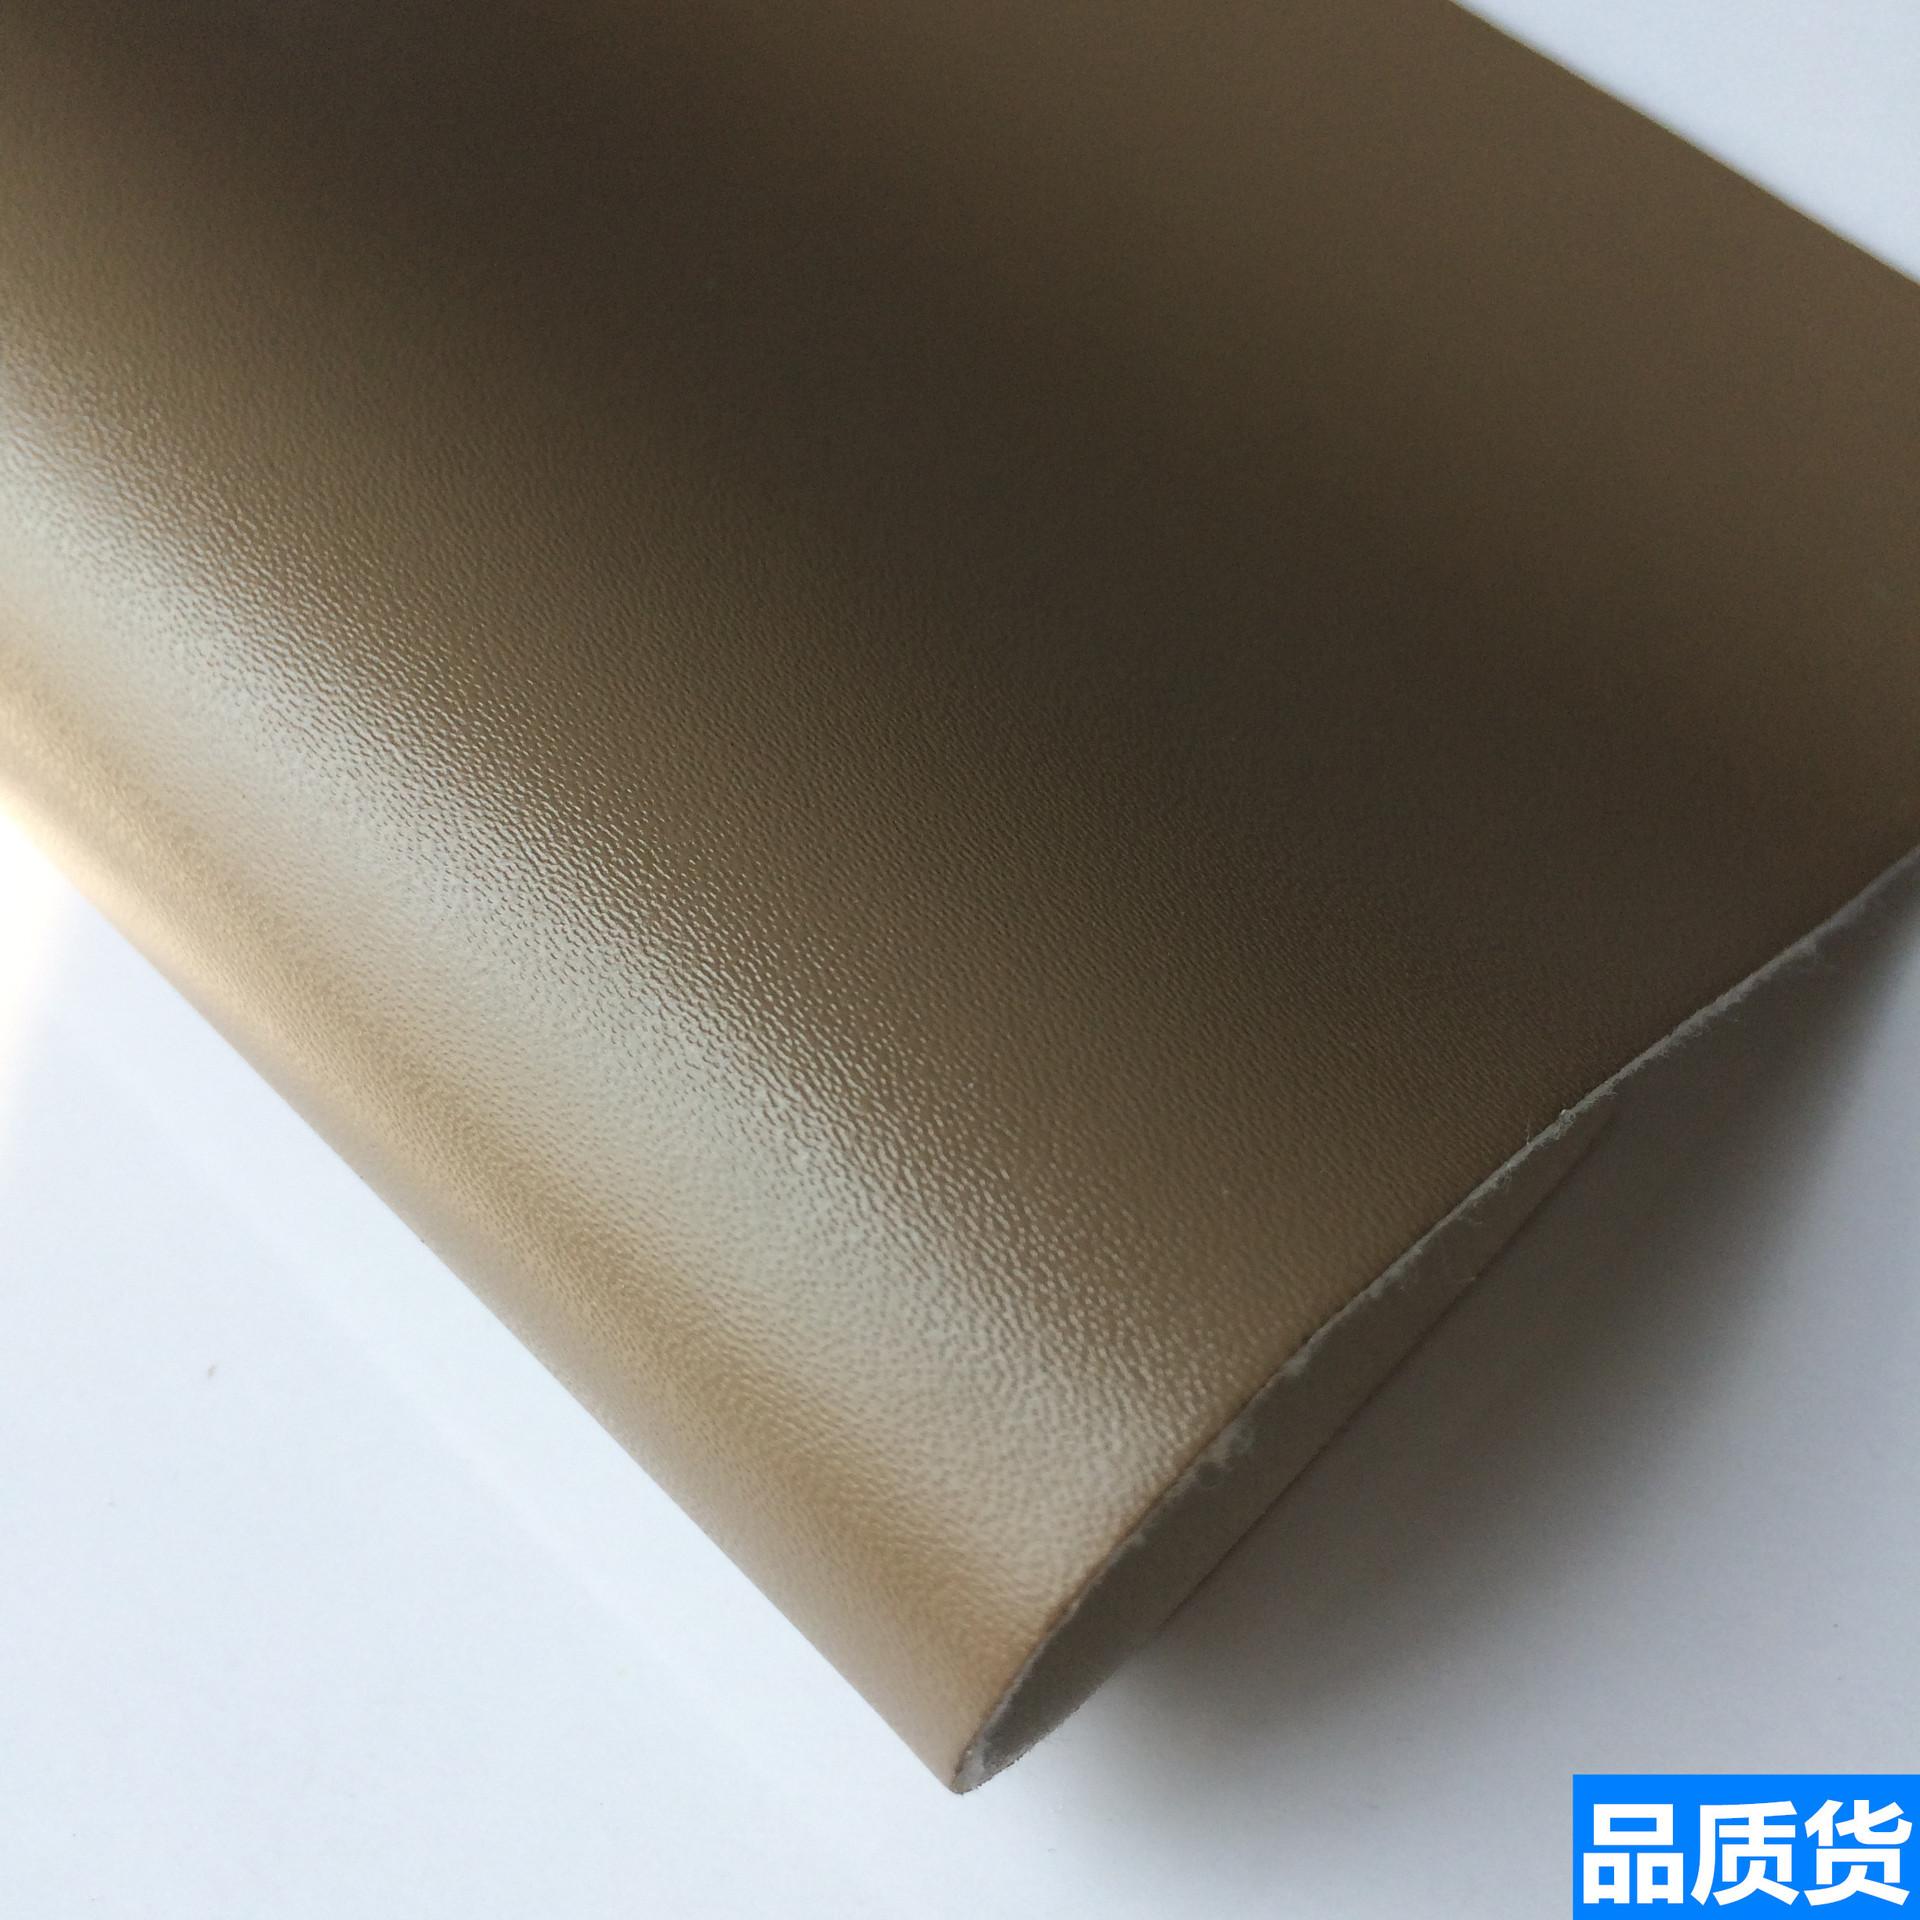 DINGTIAN Vật liệu da Nhà sản xuất chất lượng điểm bán buôn kim mẫu vải da PVC da mô phỏng vải đa năn